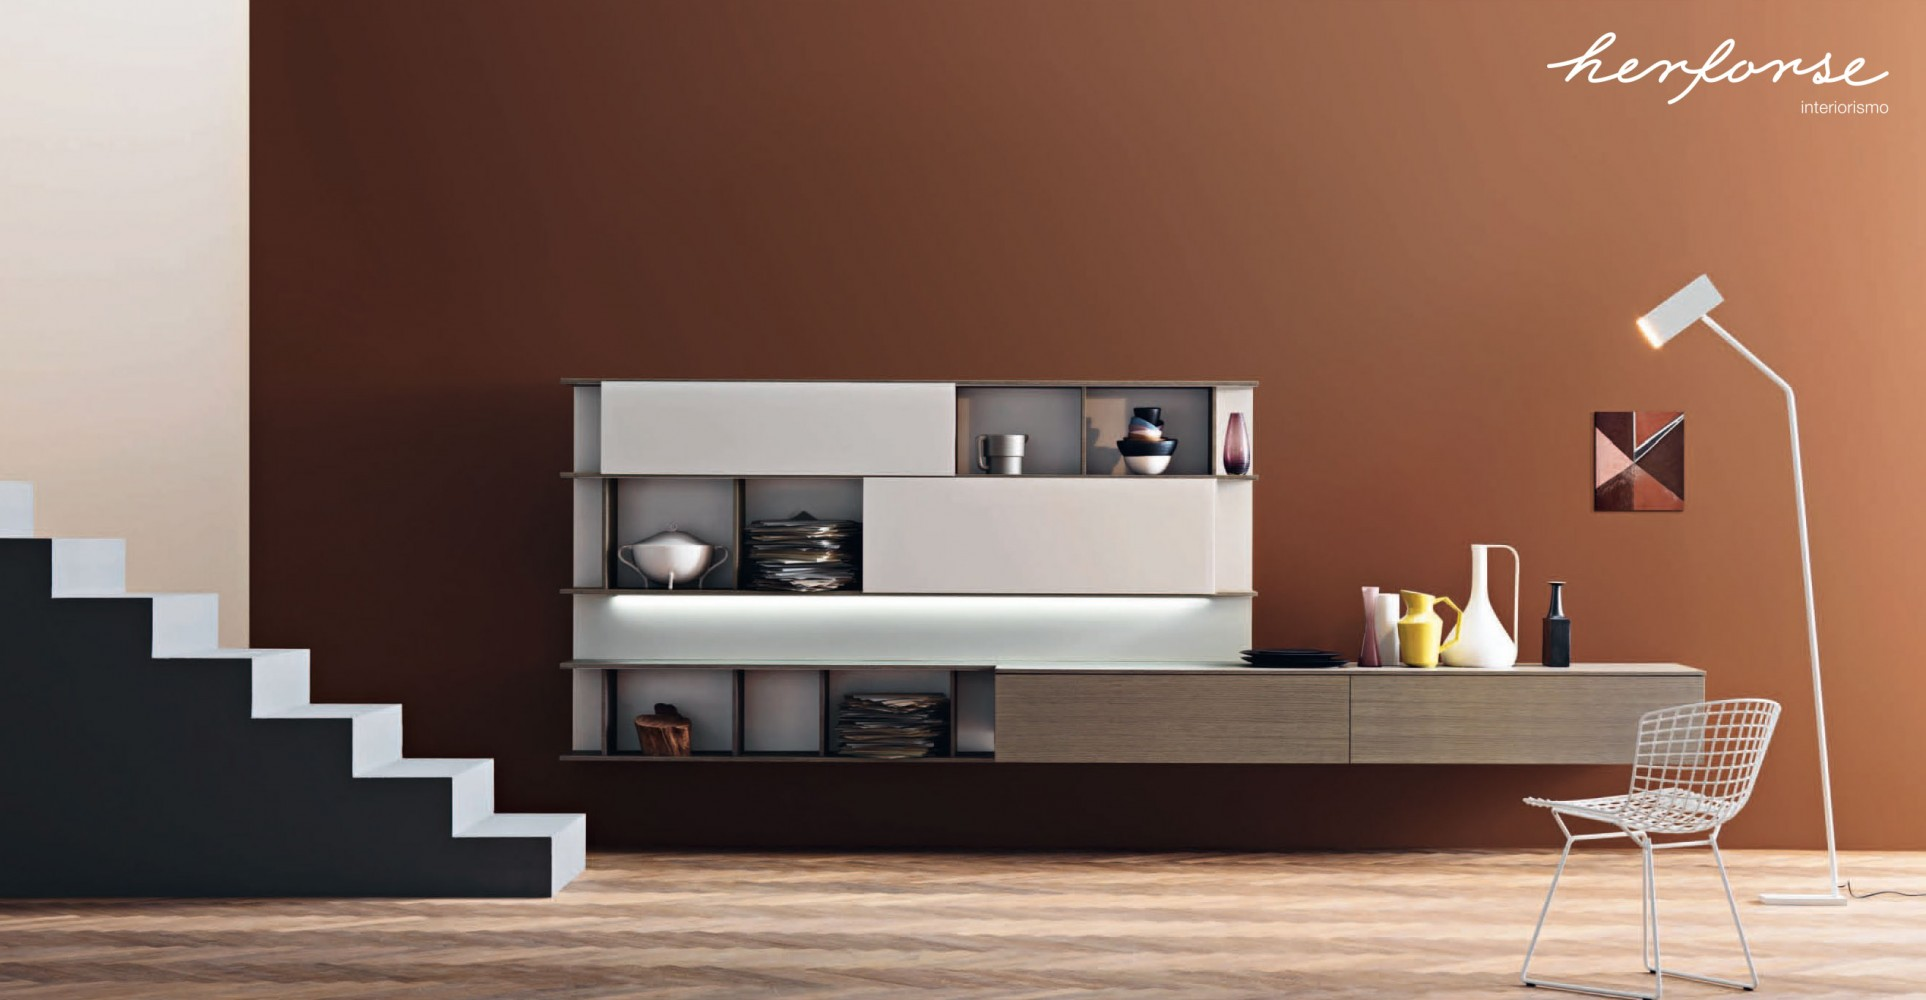 Modernos vanguardia salones herforseinteriorismo for Salones clasicos modernos